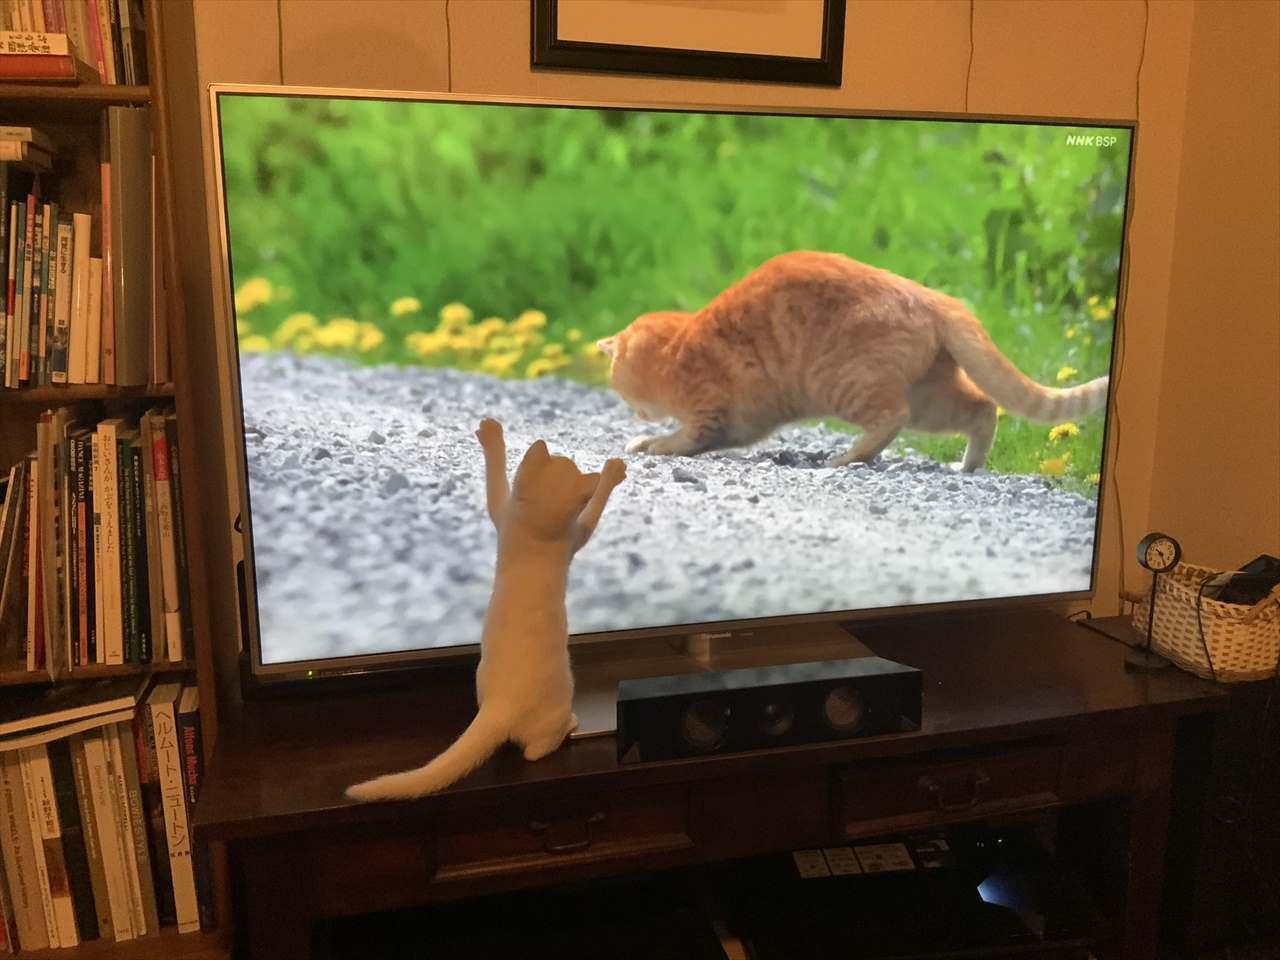 さすがは猫好きのレジェンドが登場する番組!人間だけでなく猫も魅了する「世界ネコ歩き」の凄さが分かる1枚